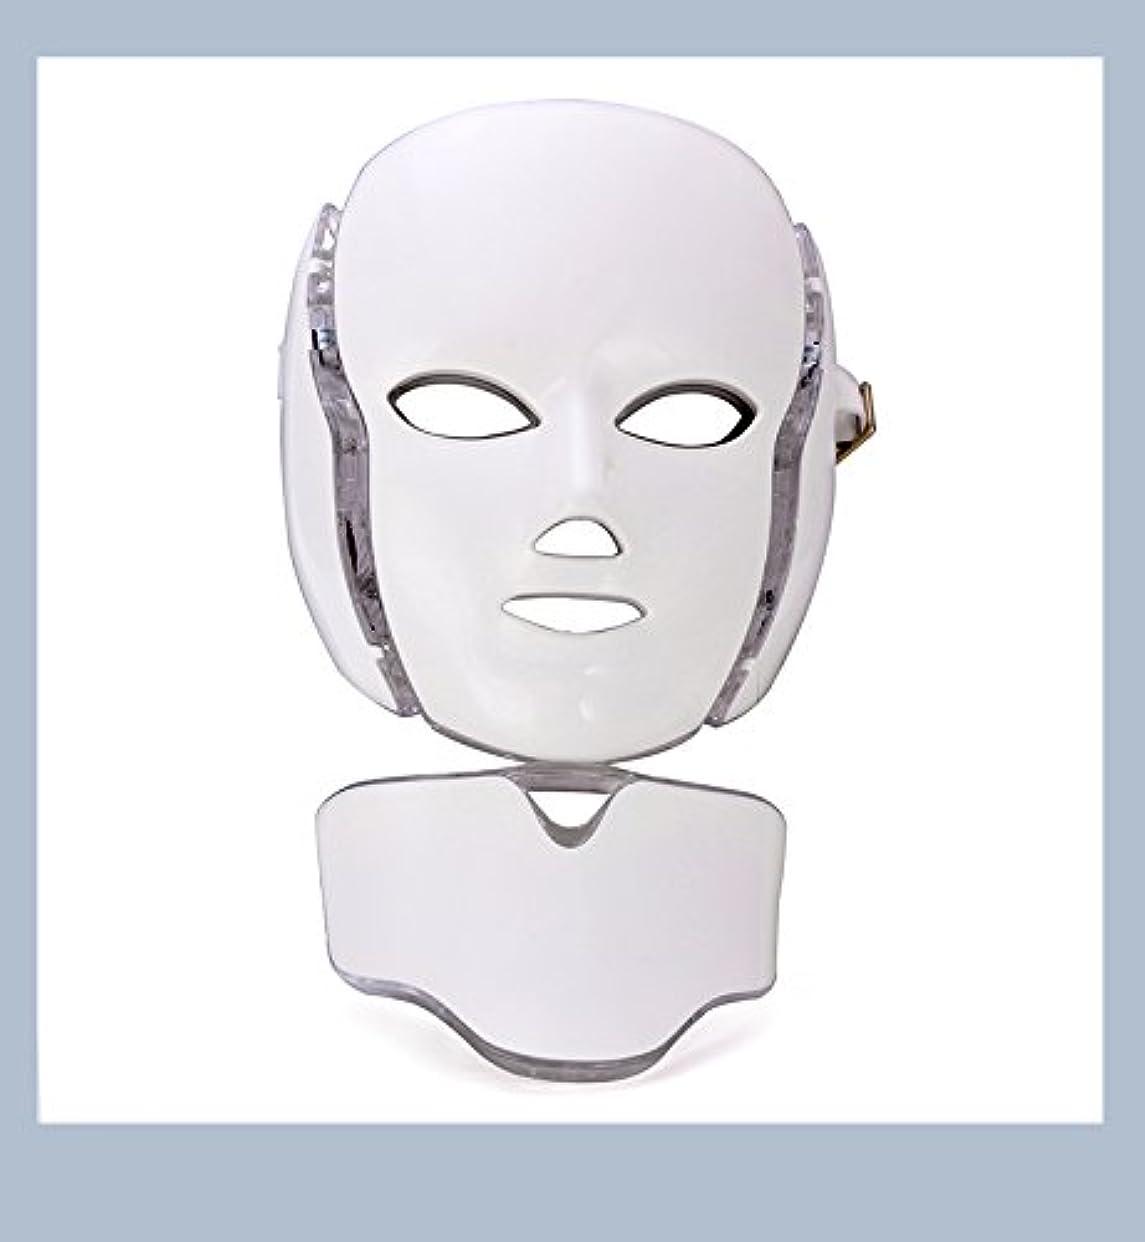 オリエンテーション観点ホースLEDマスク 光エステ LED美顏 マスク 家庭用LED美顔器 毛穴汚れ 肌のツヤ ハリ 光エステ 美白 エイジングケア 痩せ顔(日本語説明書付き)